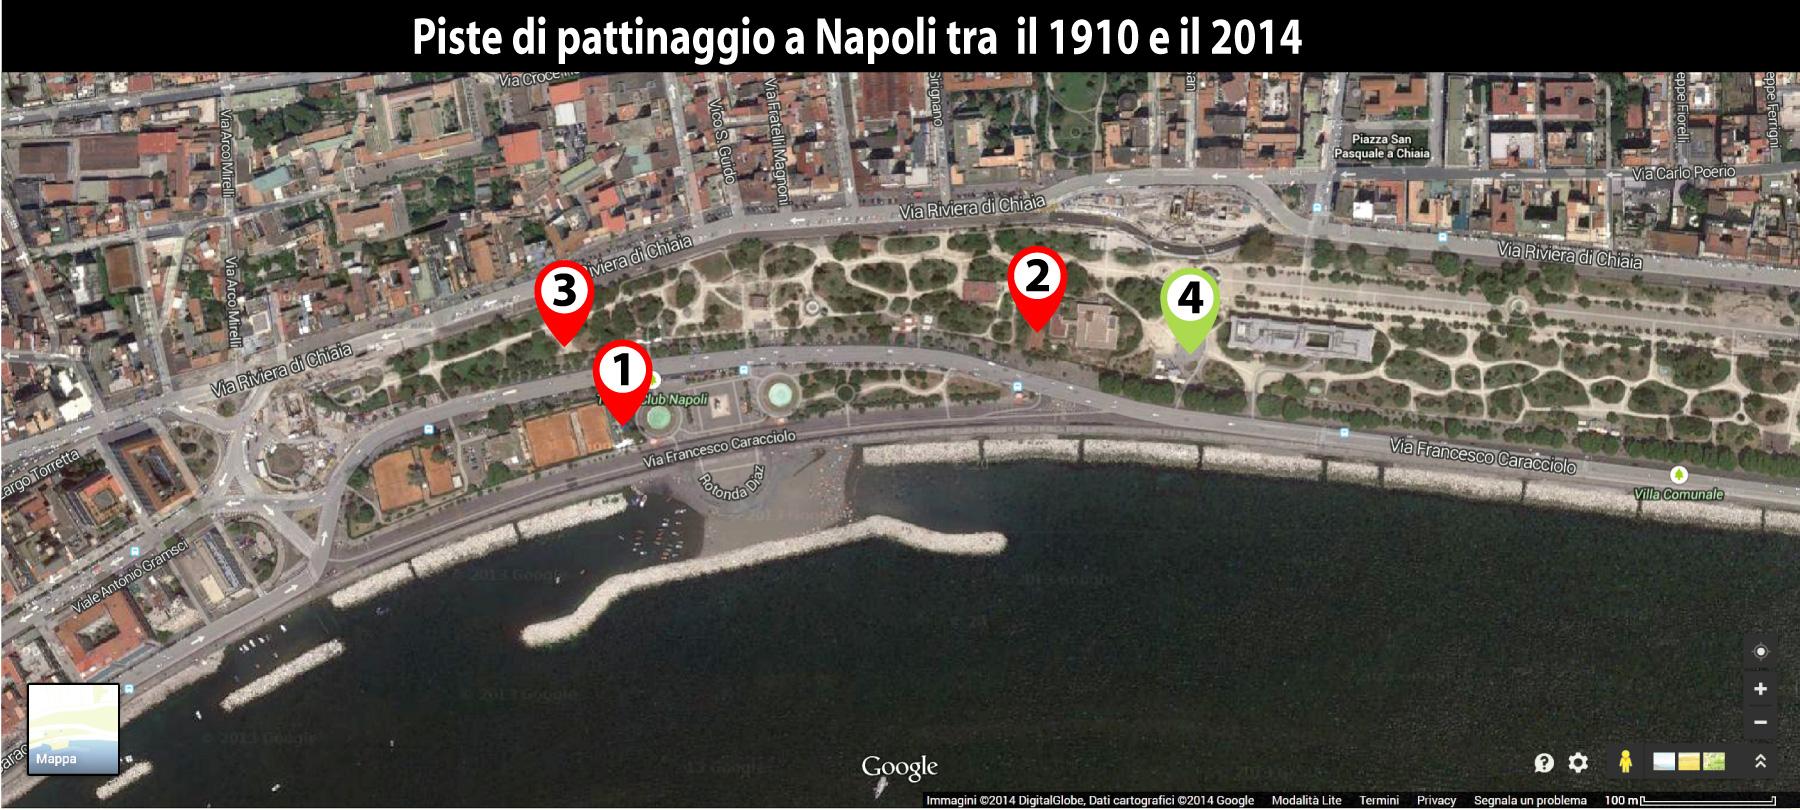 Piste di pattinaggio a Napoli tra il 1910 e il 2014